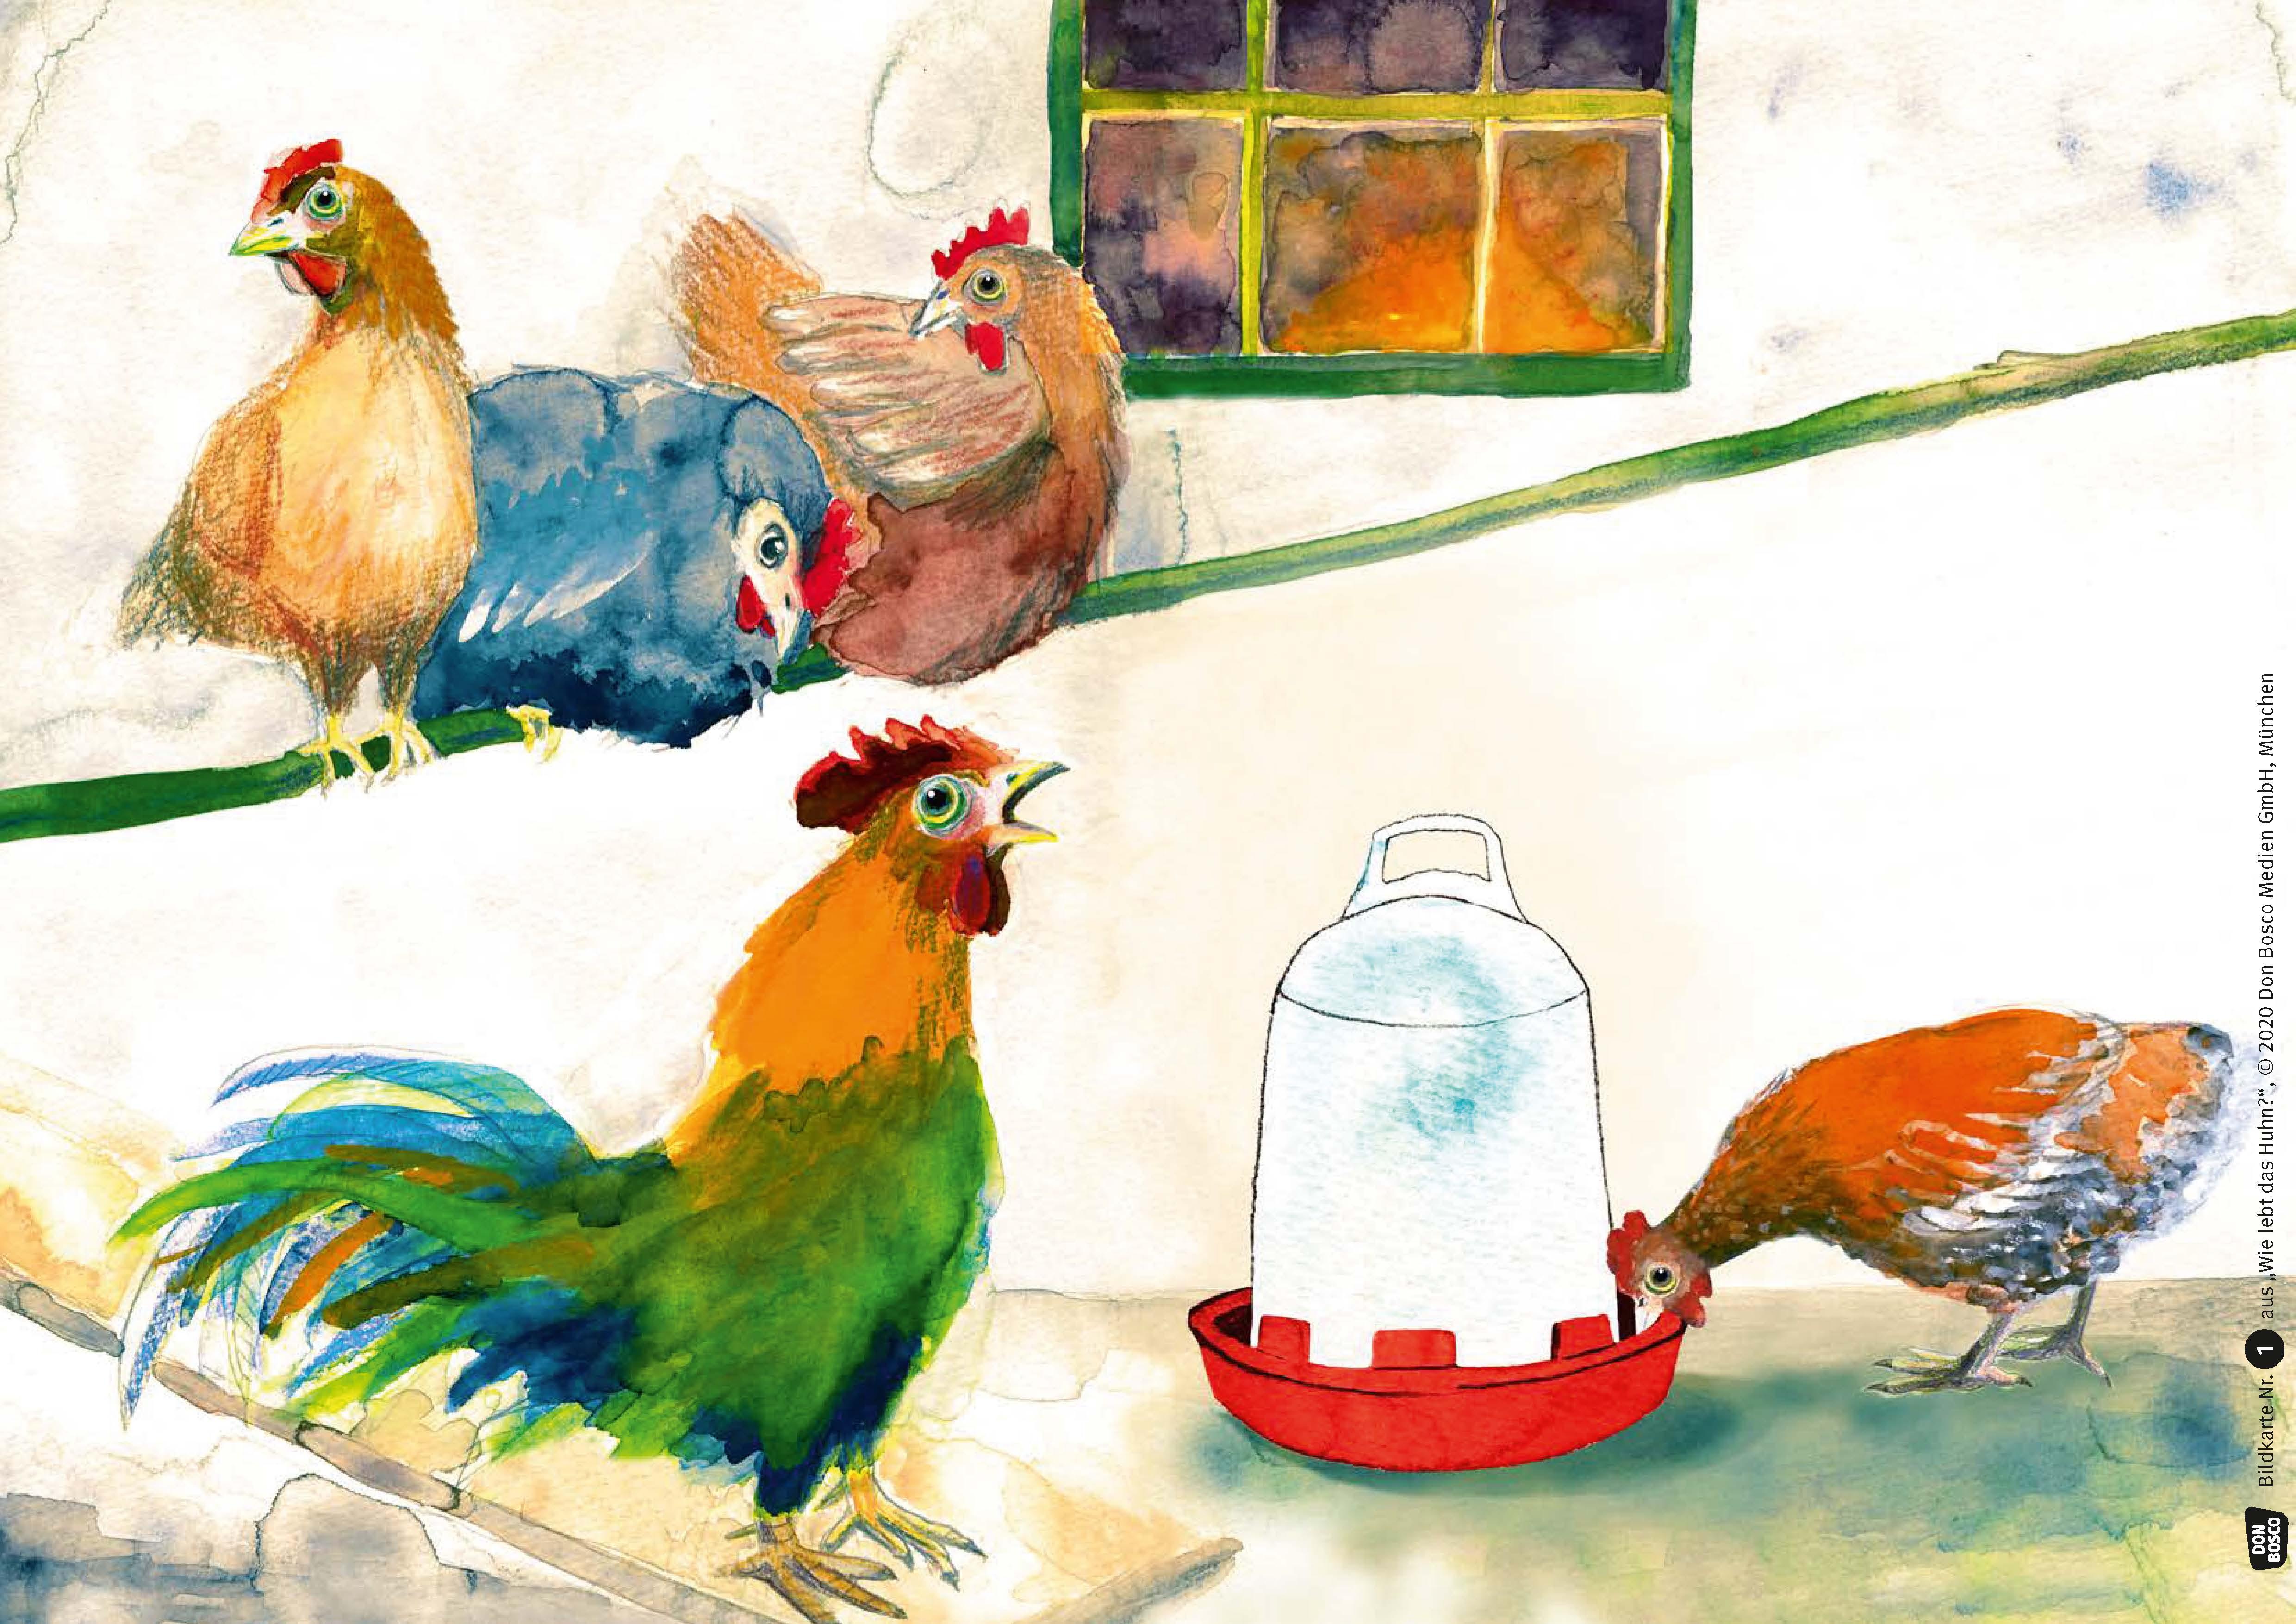 Innenansicht zu Wie lebt das Huhn? eKami.